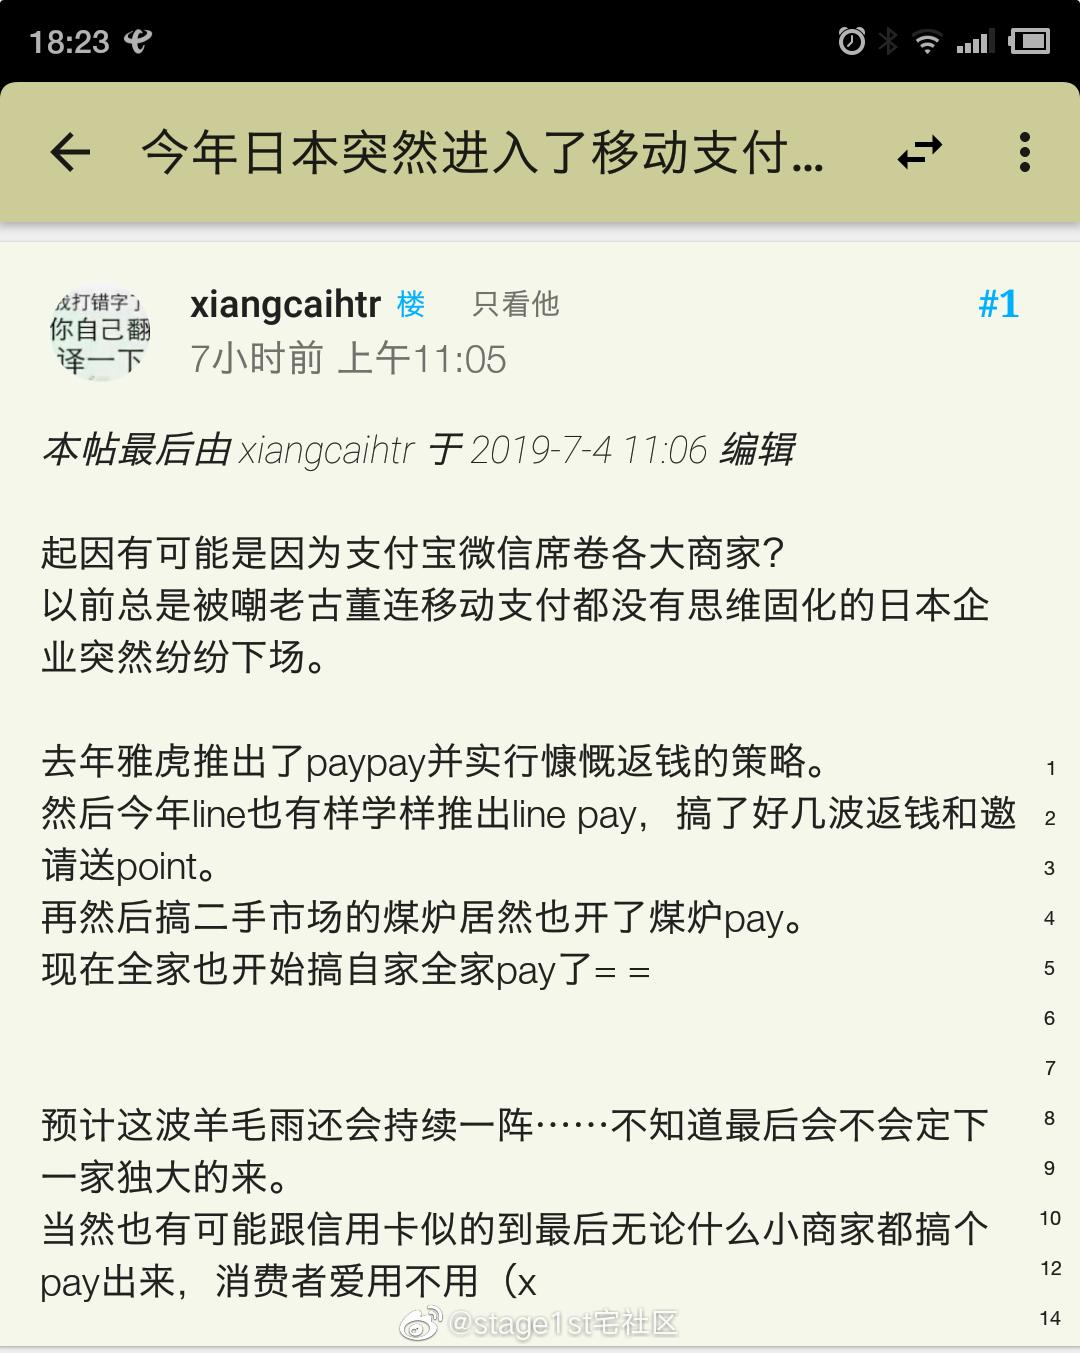 热门视频图片段子福利第84期:陕北民歌  福利社吧  图90